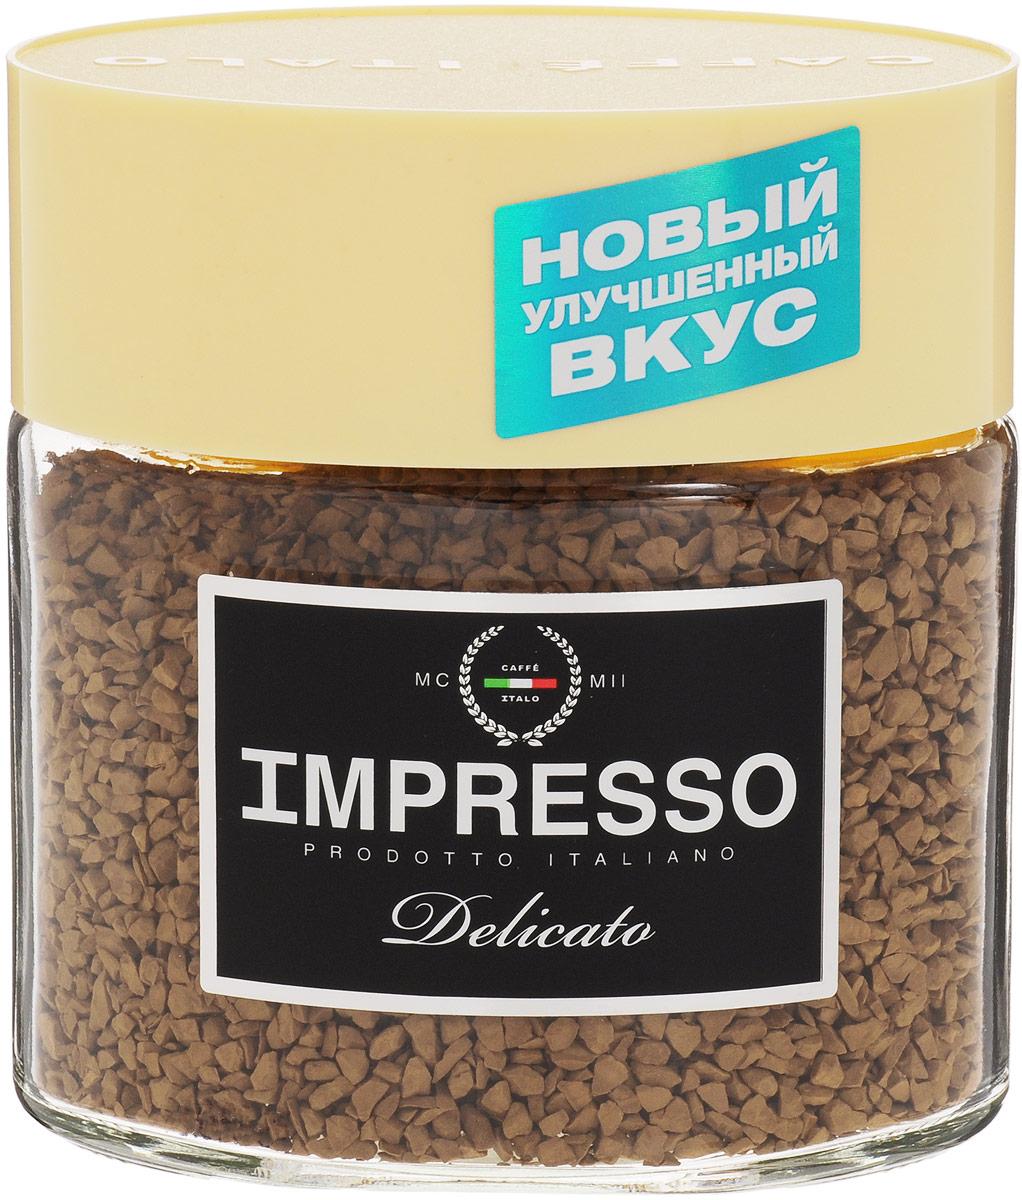 Impresso Delicato кофе растворимый, 100 г (банка)0120710Impresso Delicato - настоящий итальянский кофе, который восхищает полнотой вкуса и быстротой приготовления.В купаж кофе вошли сорта арабики из Бразилии и Ямайки с деликатным насыщенным вкусом.Уважаемые клиенты! Обращаем ваше внимание на то, что упаковка может иметь несколько видов дизайна. Поставка осуществляется в зависимости от наличия на складе.